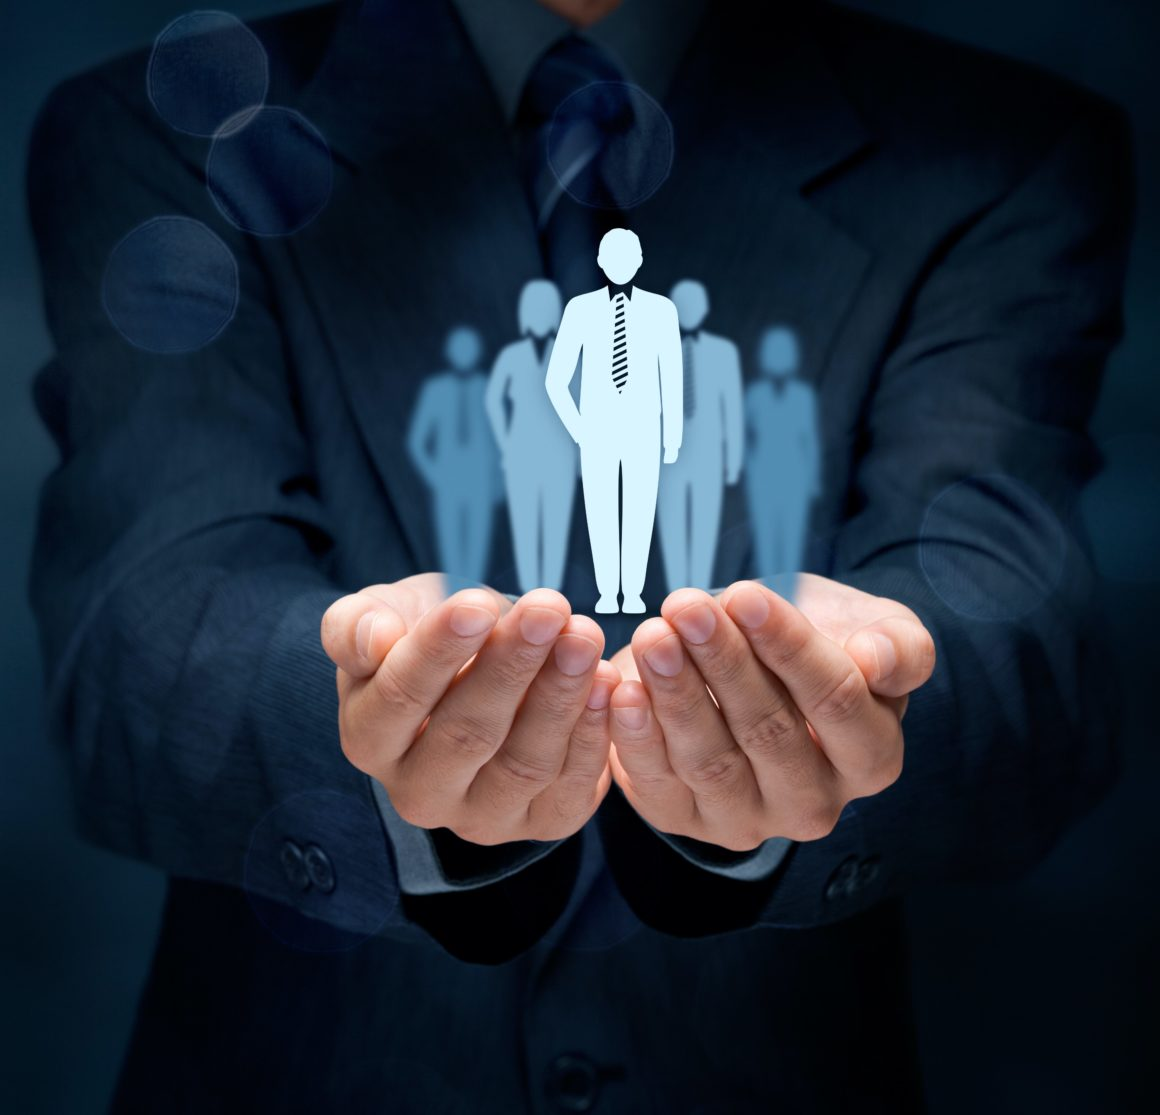 Les dirigeants bénévoles et leurs responsabilités